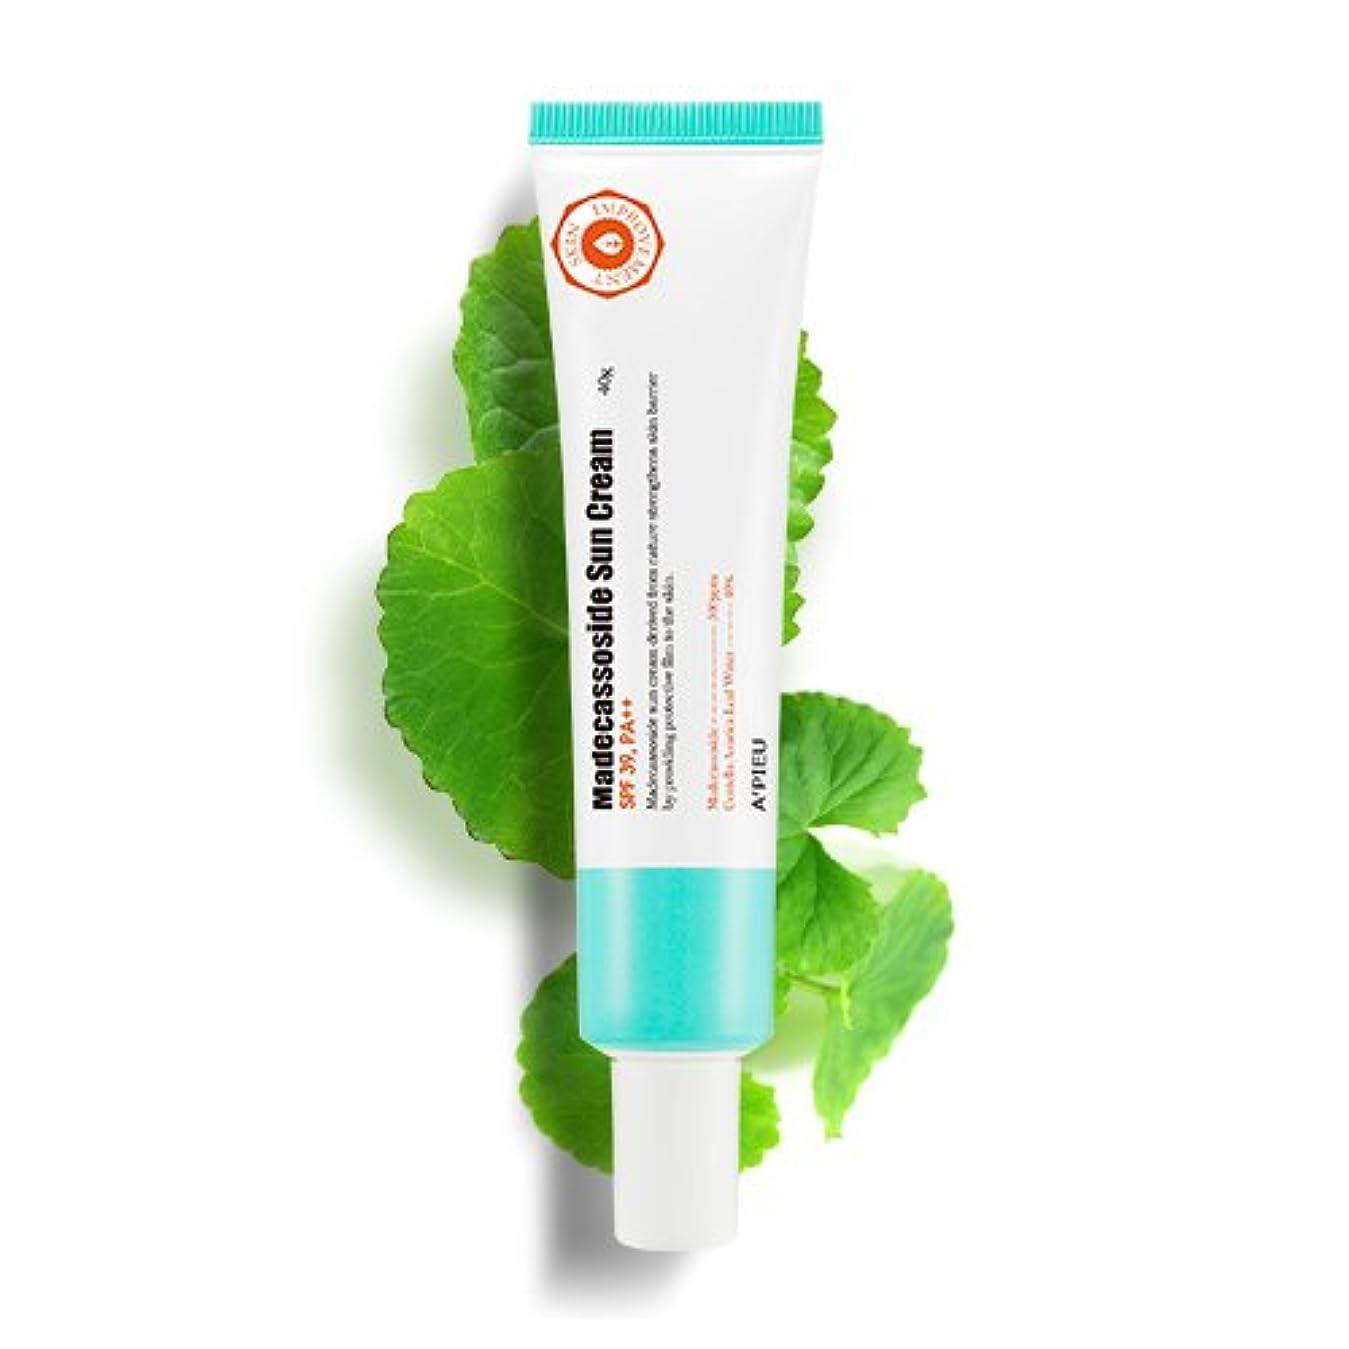 ポータル鉛筆行き当たりばったりAPIEU Madecassoside Sun Cream アピュマデカソシドサンクリーム(SPF39, PA++) [並行輸入品]